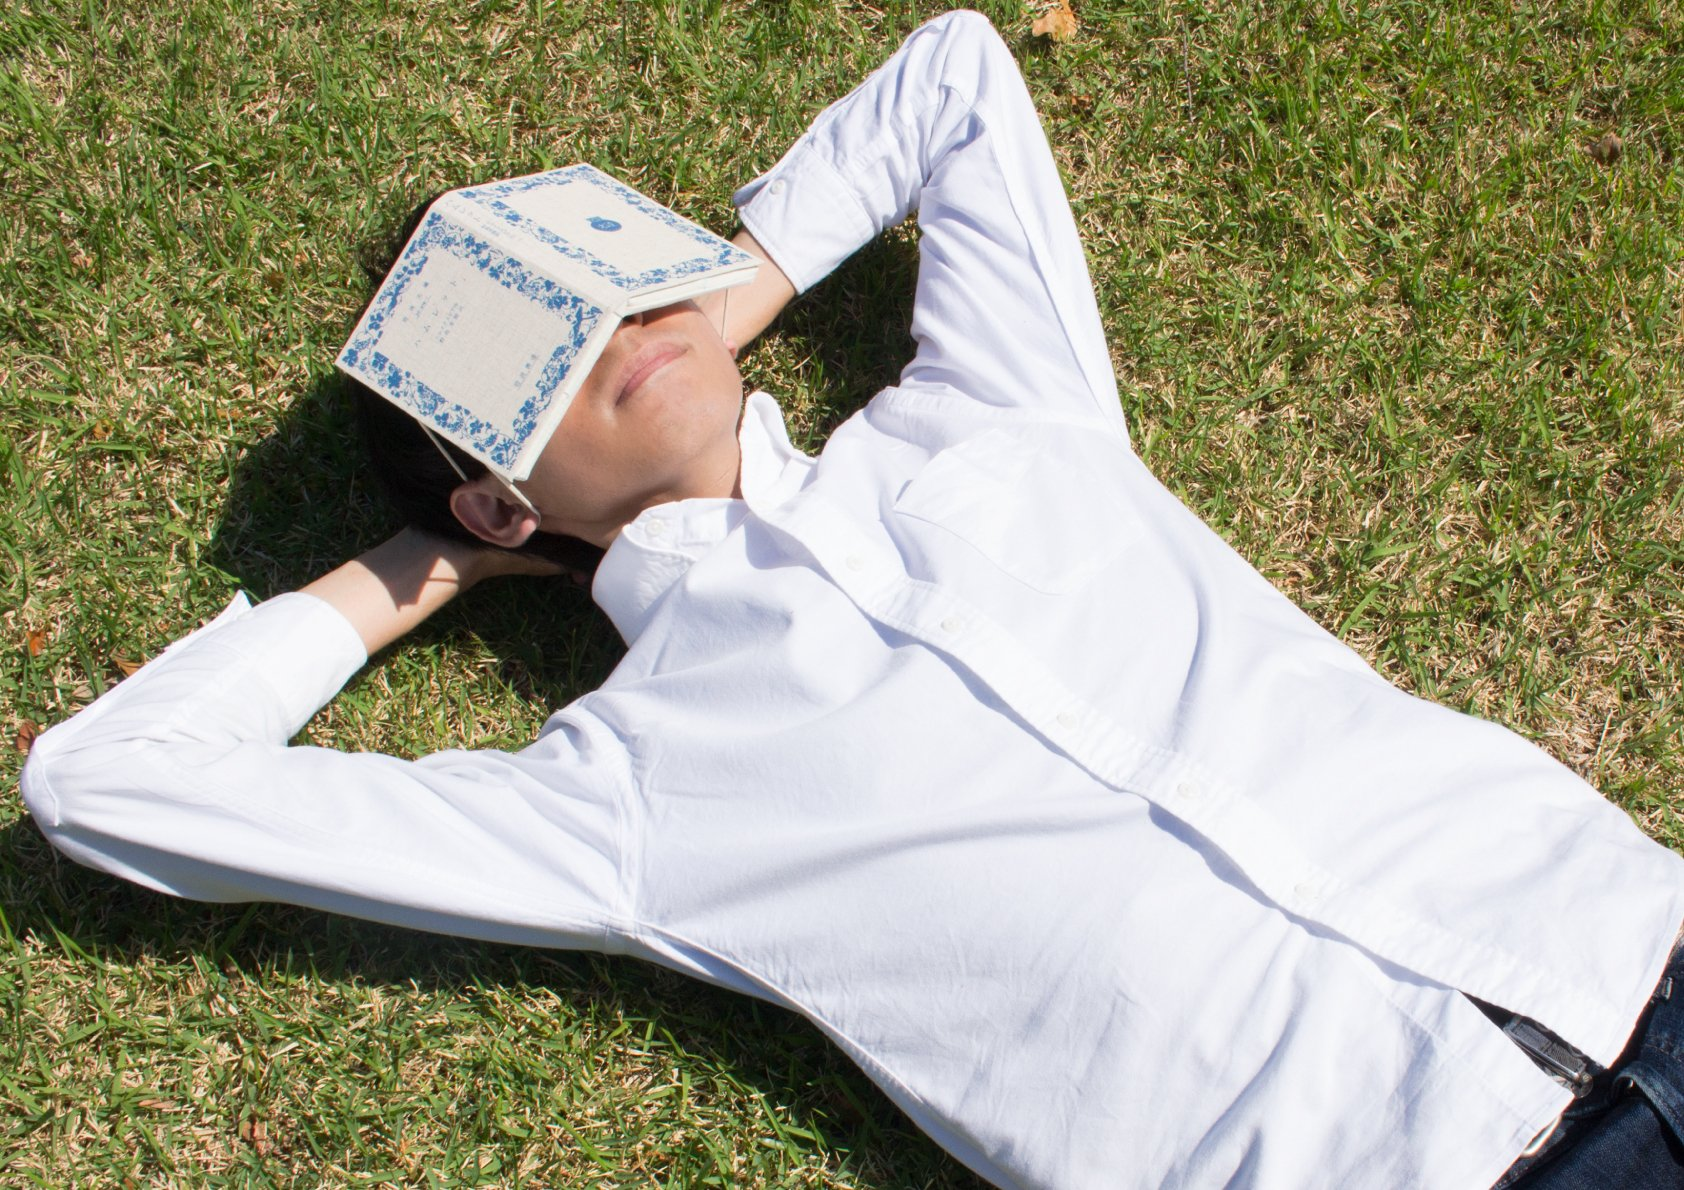 「本を頭にのせて寝るの、かっこいいな〜」と思ったので、本みたいなアイマスクを作りました。